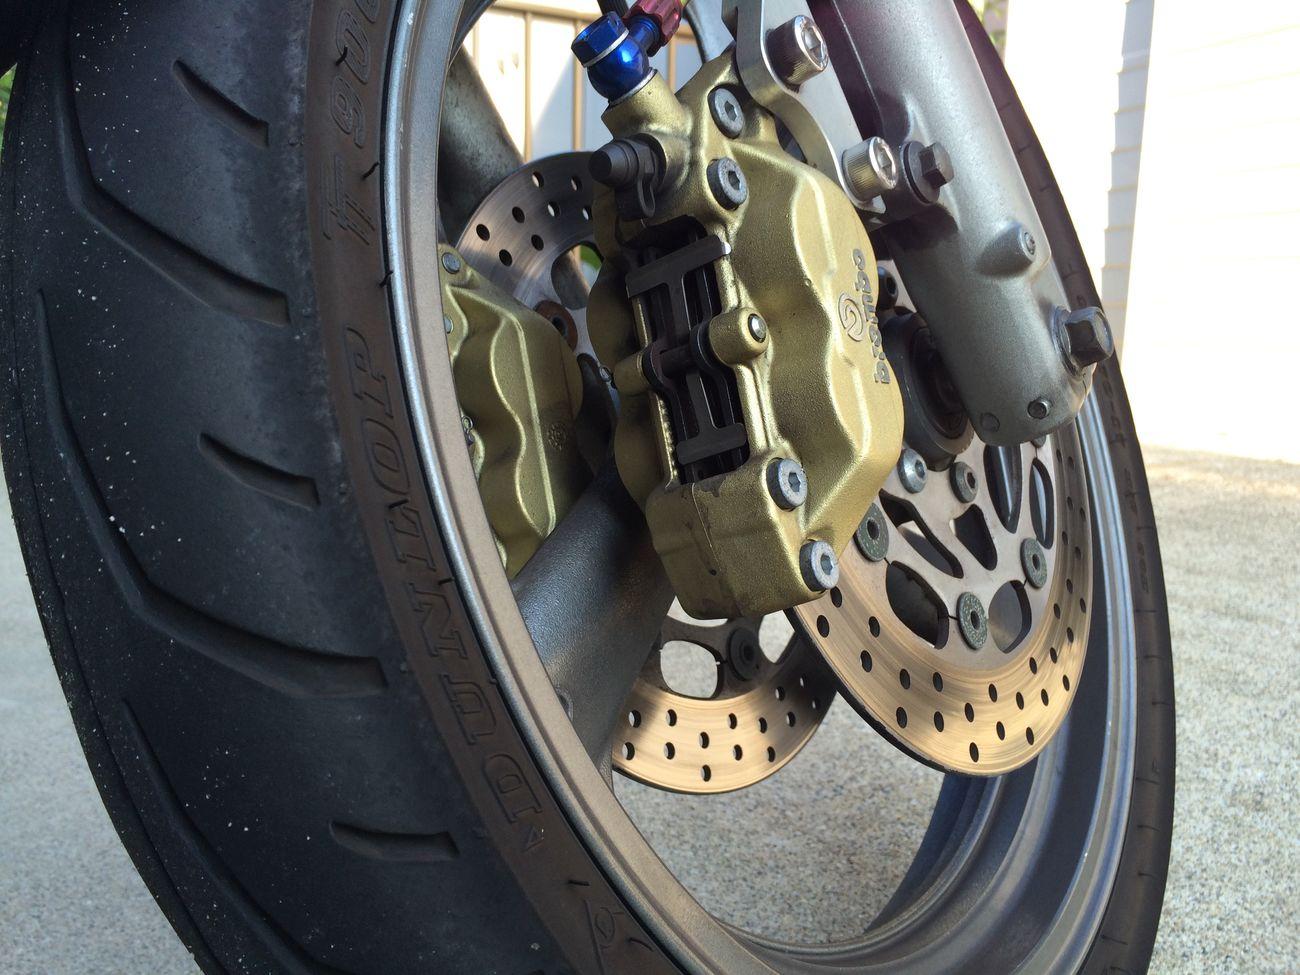 ブレンボ Brembo  キャスティングブレンボ おもちゃ Toy バイク Motorcycle 安物